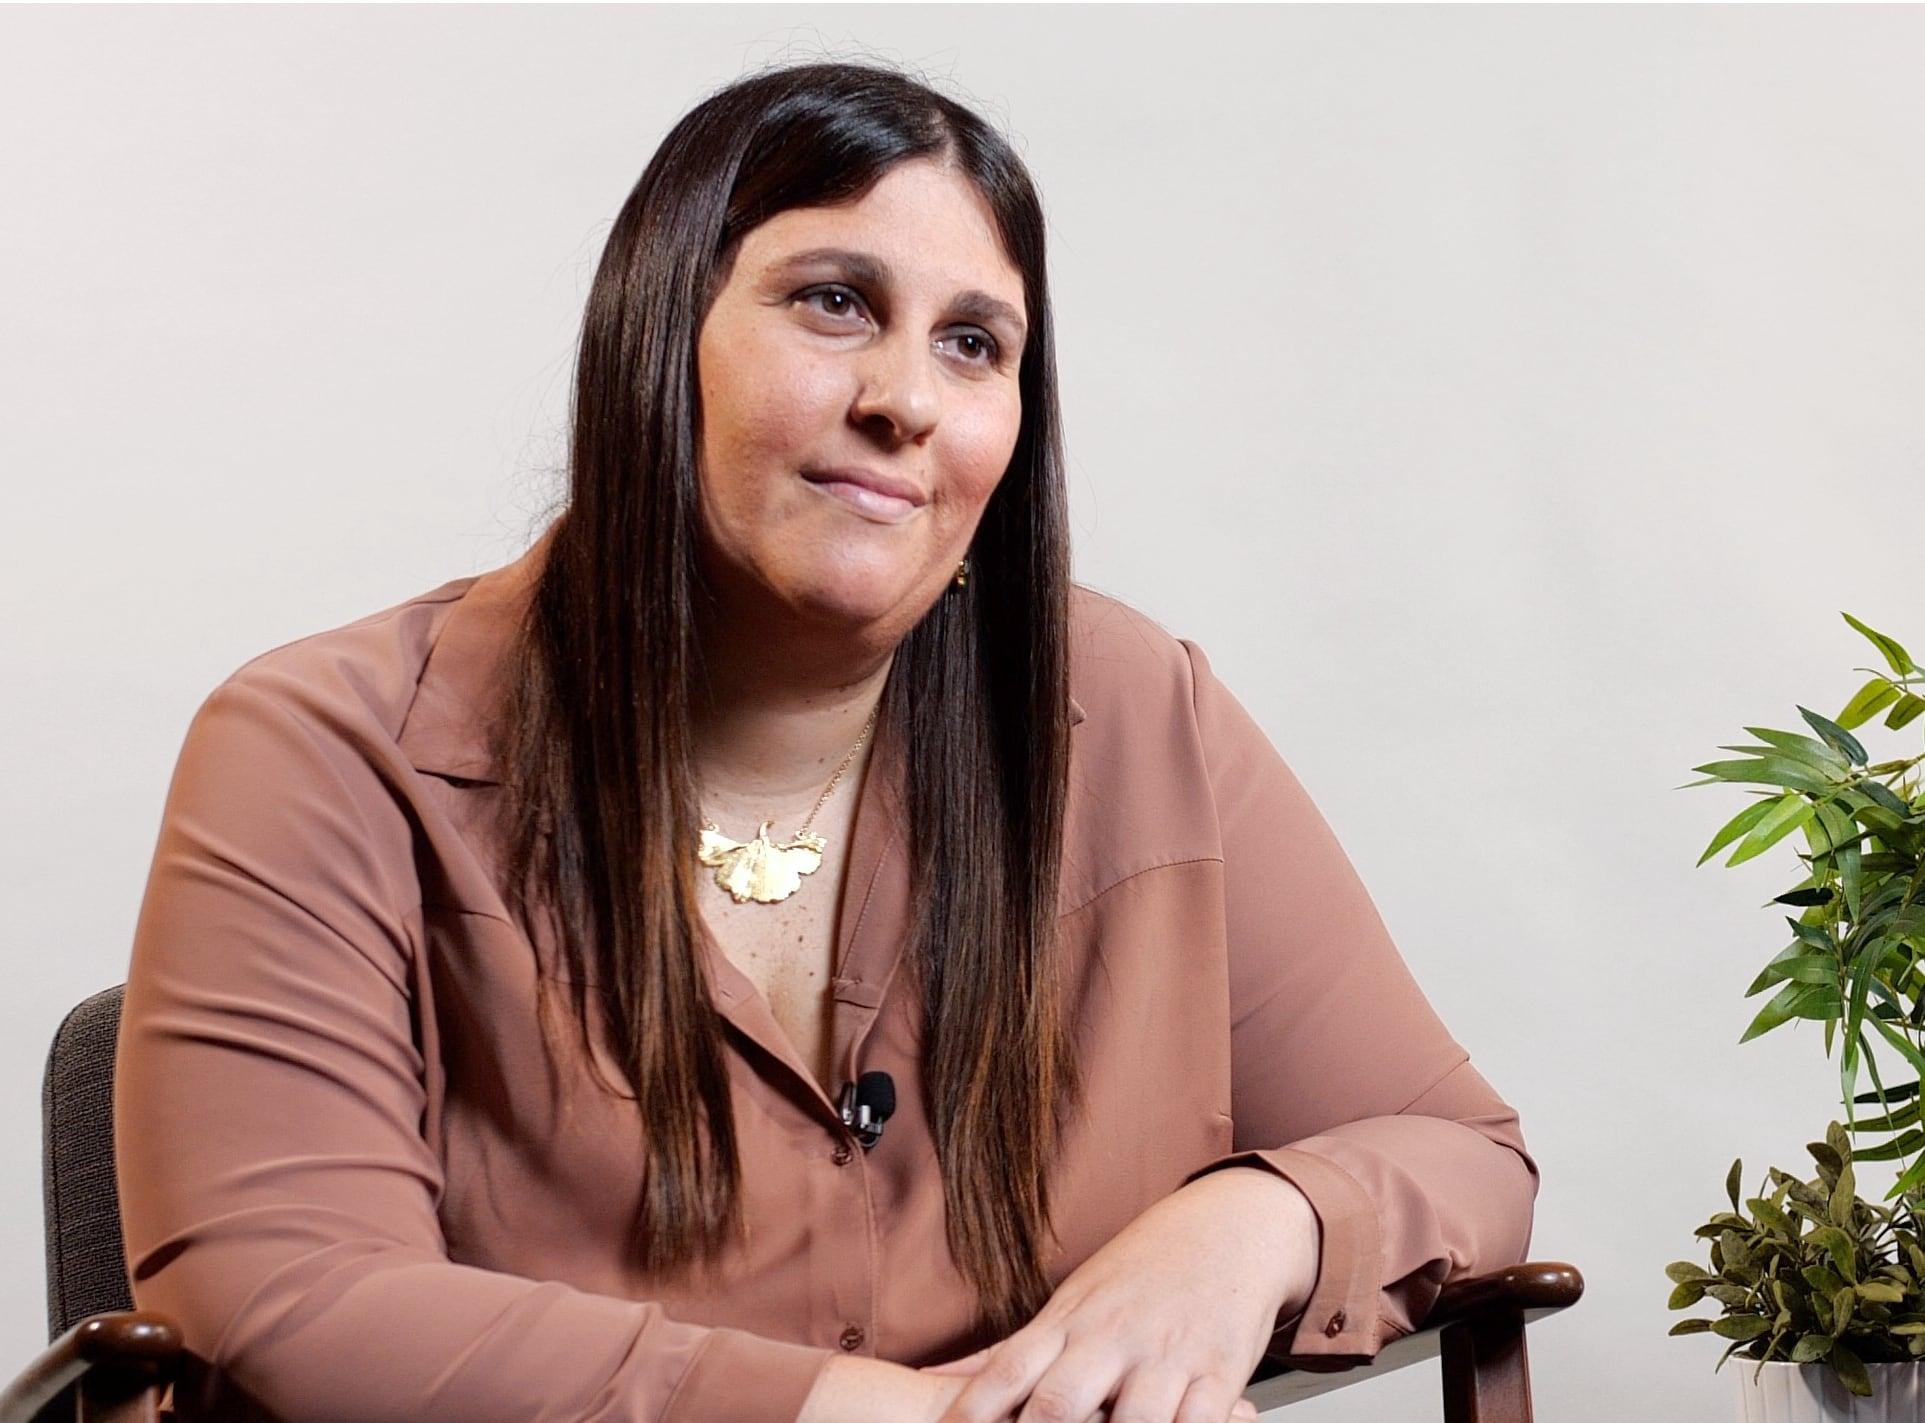 Patricia de Blas- Demostrar talento siendo uno mismo